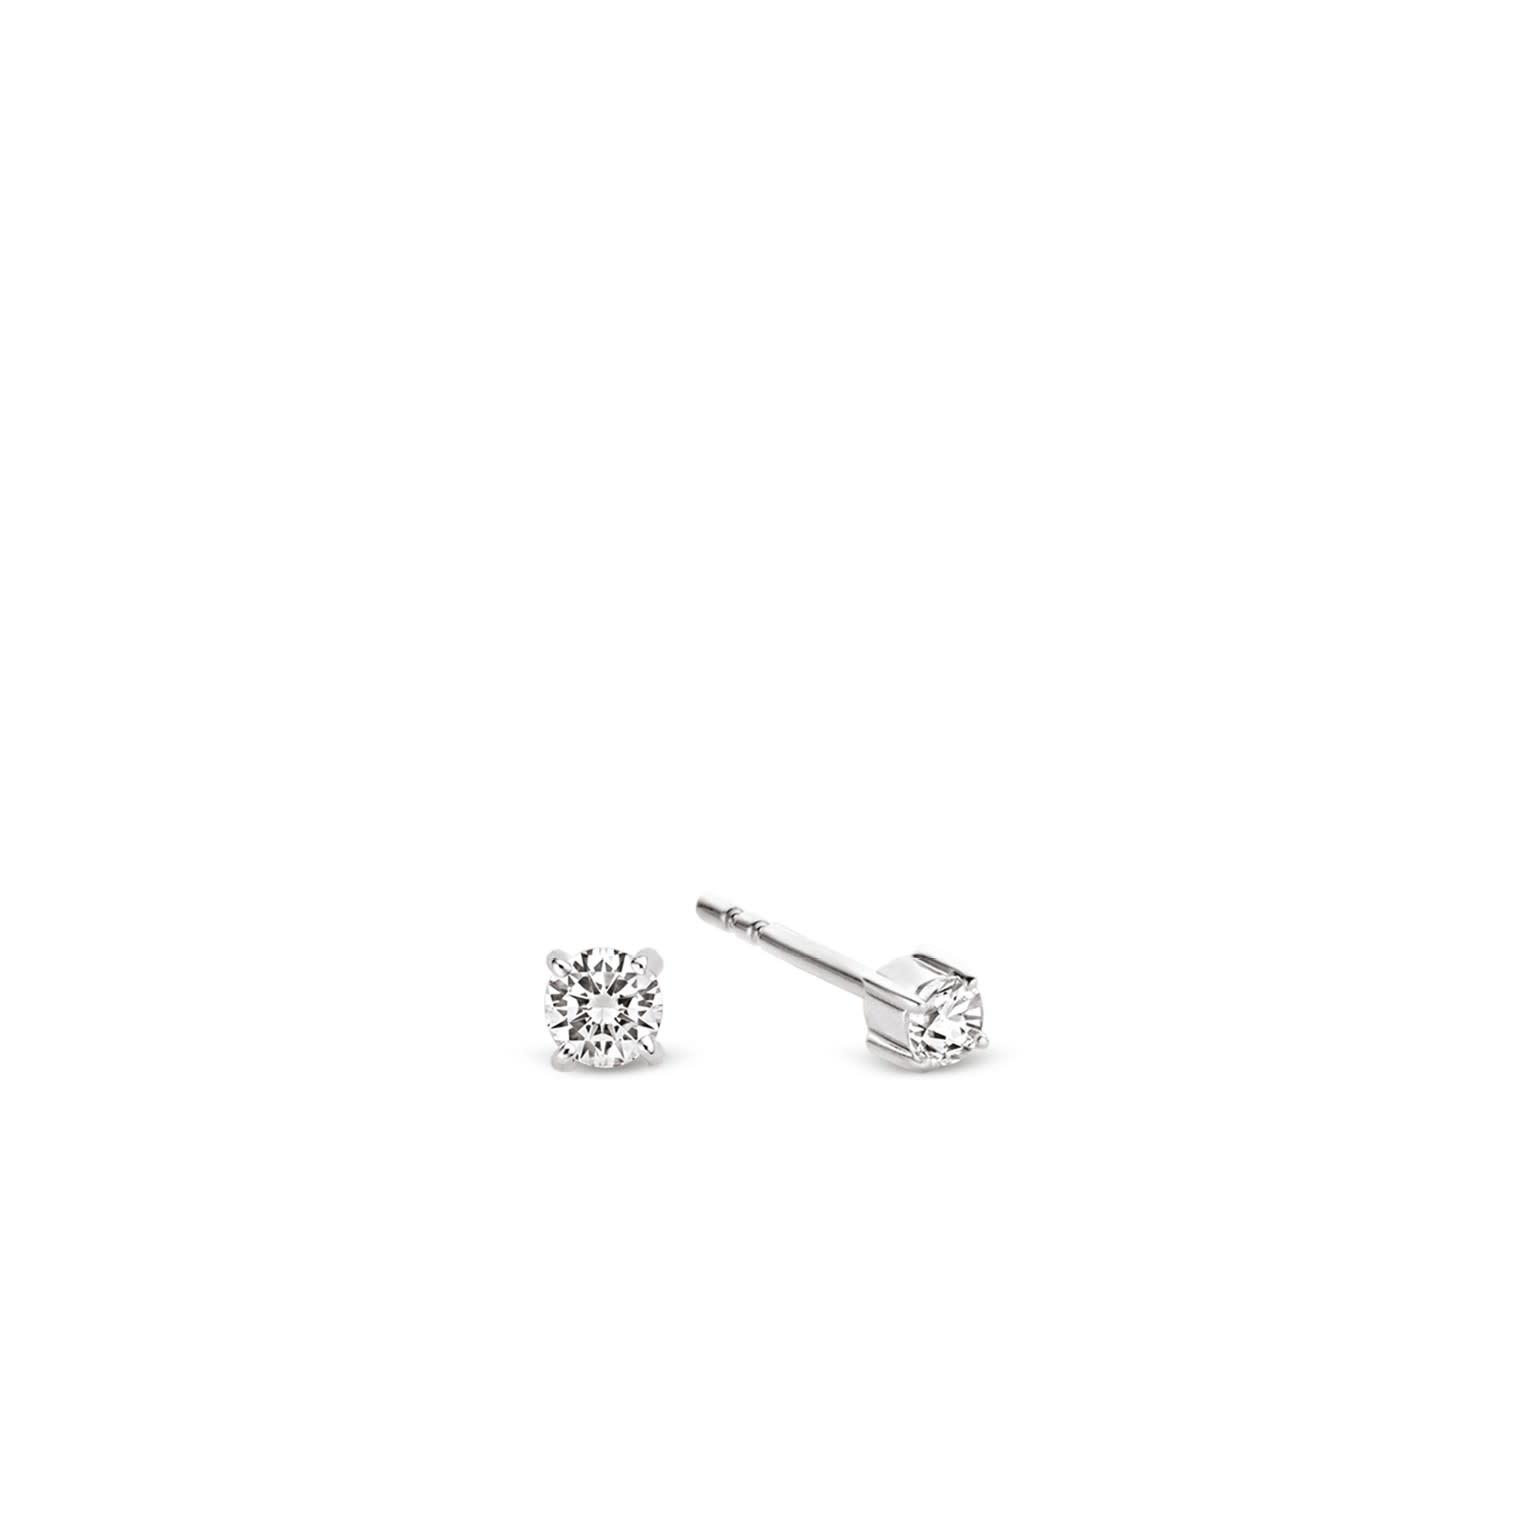 TI SENTO - Milano Earrings 7790ZI-1